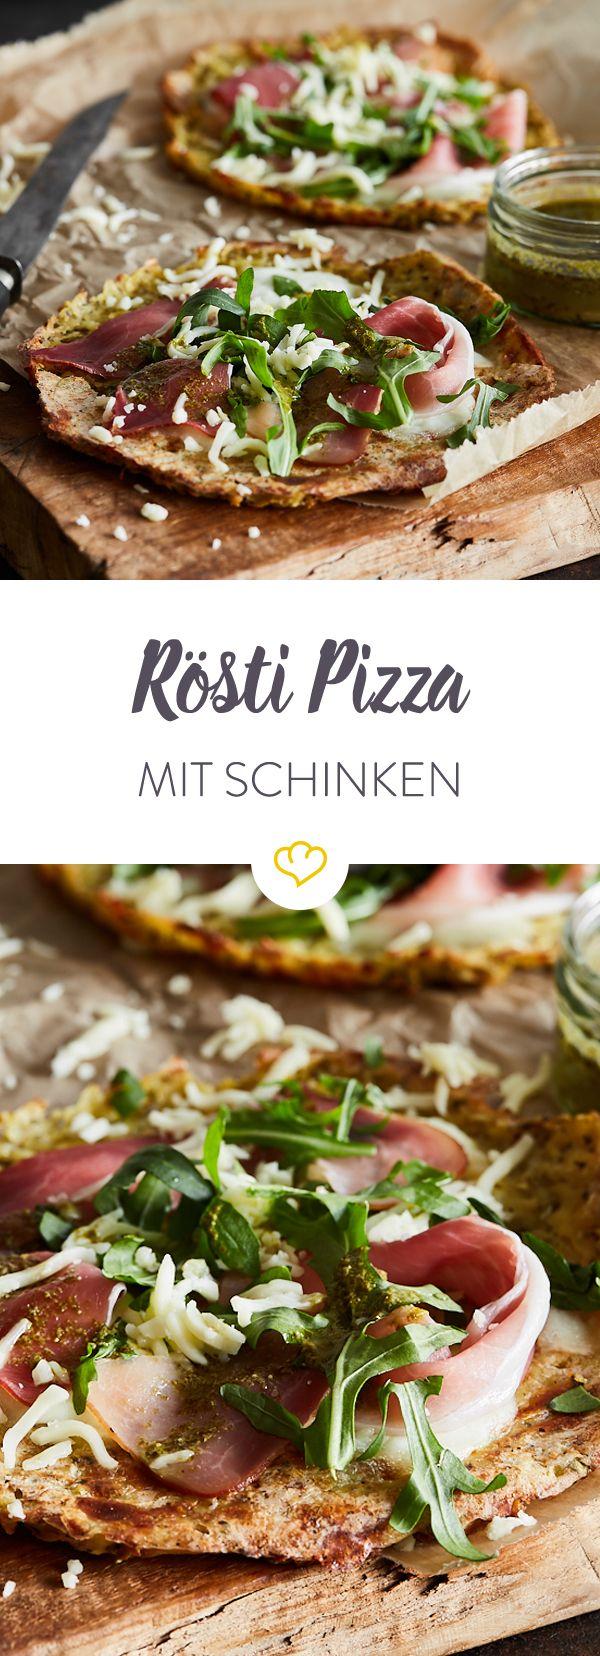 Das A und O einer richtig guten Pizza ist ihr Boden. Deiner ist heute aus geriebenen Kartoffeln - ein Rösti quasi. Klingt gut? Ist es auch!